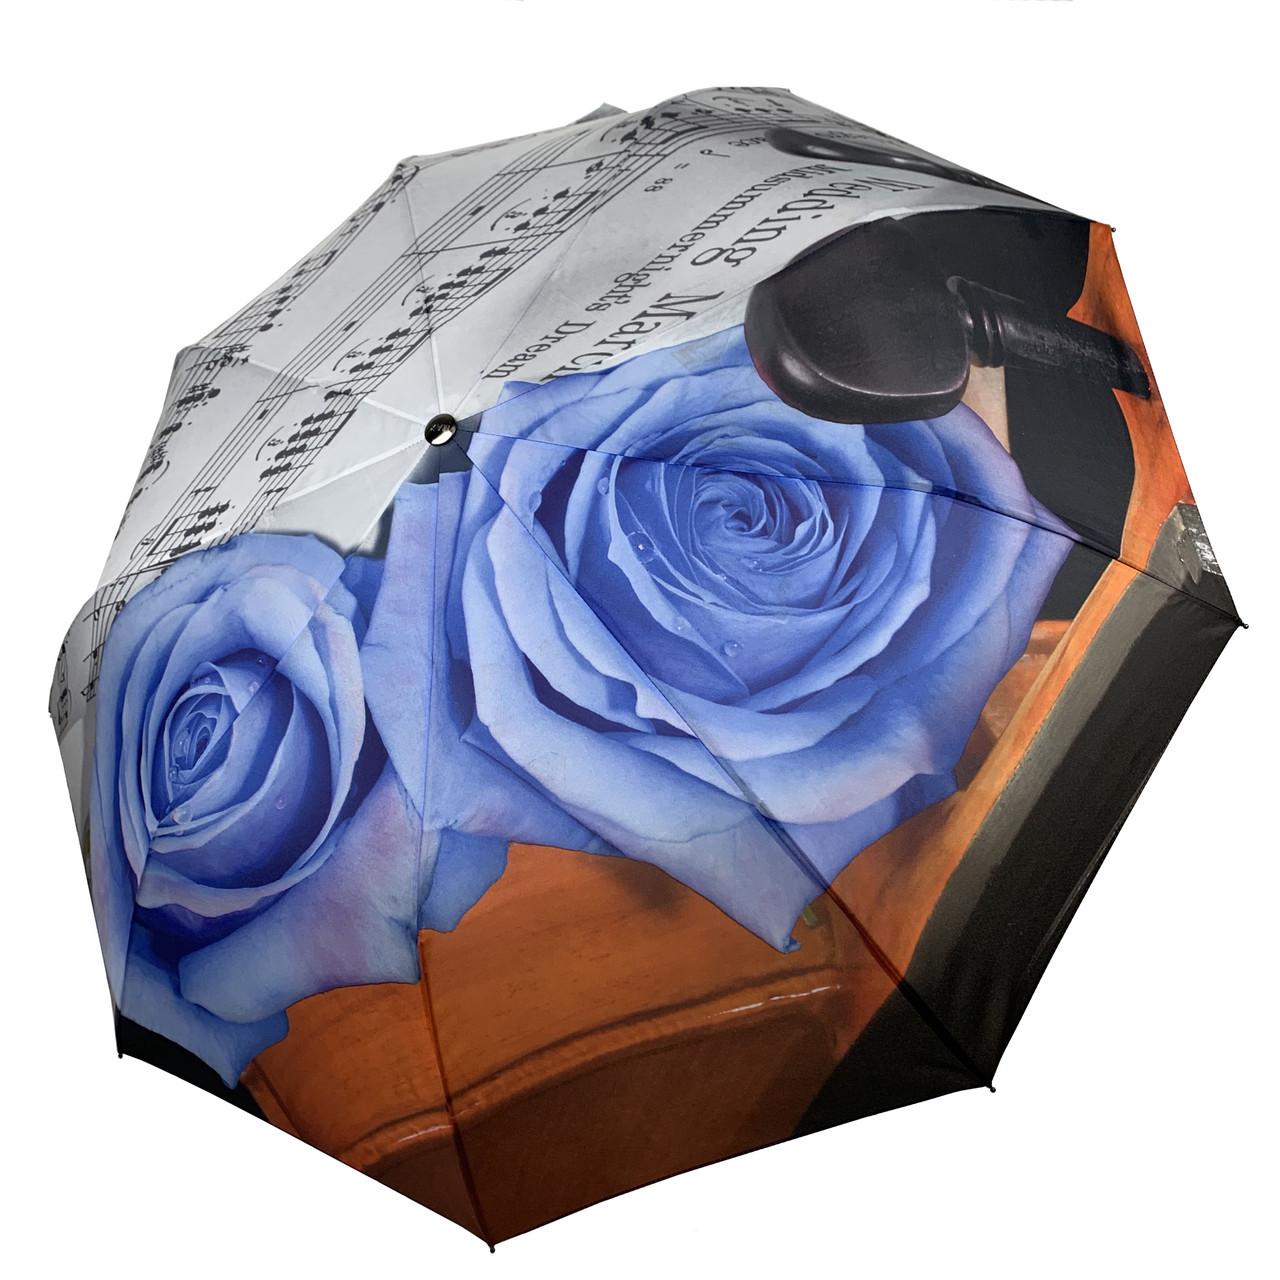 Женский зонт-полуавтомат от Max, с принтом нот и цветков розы голубого цвета, 127-1